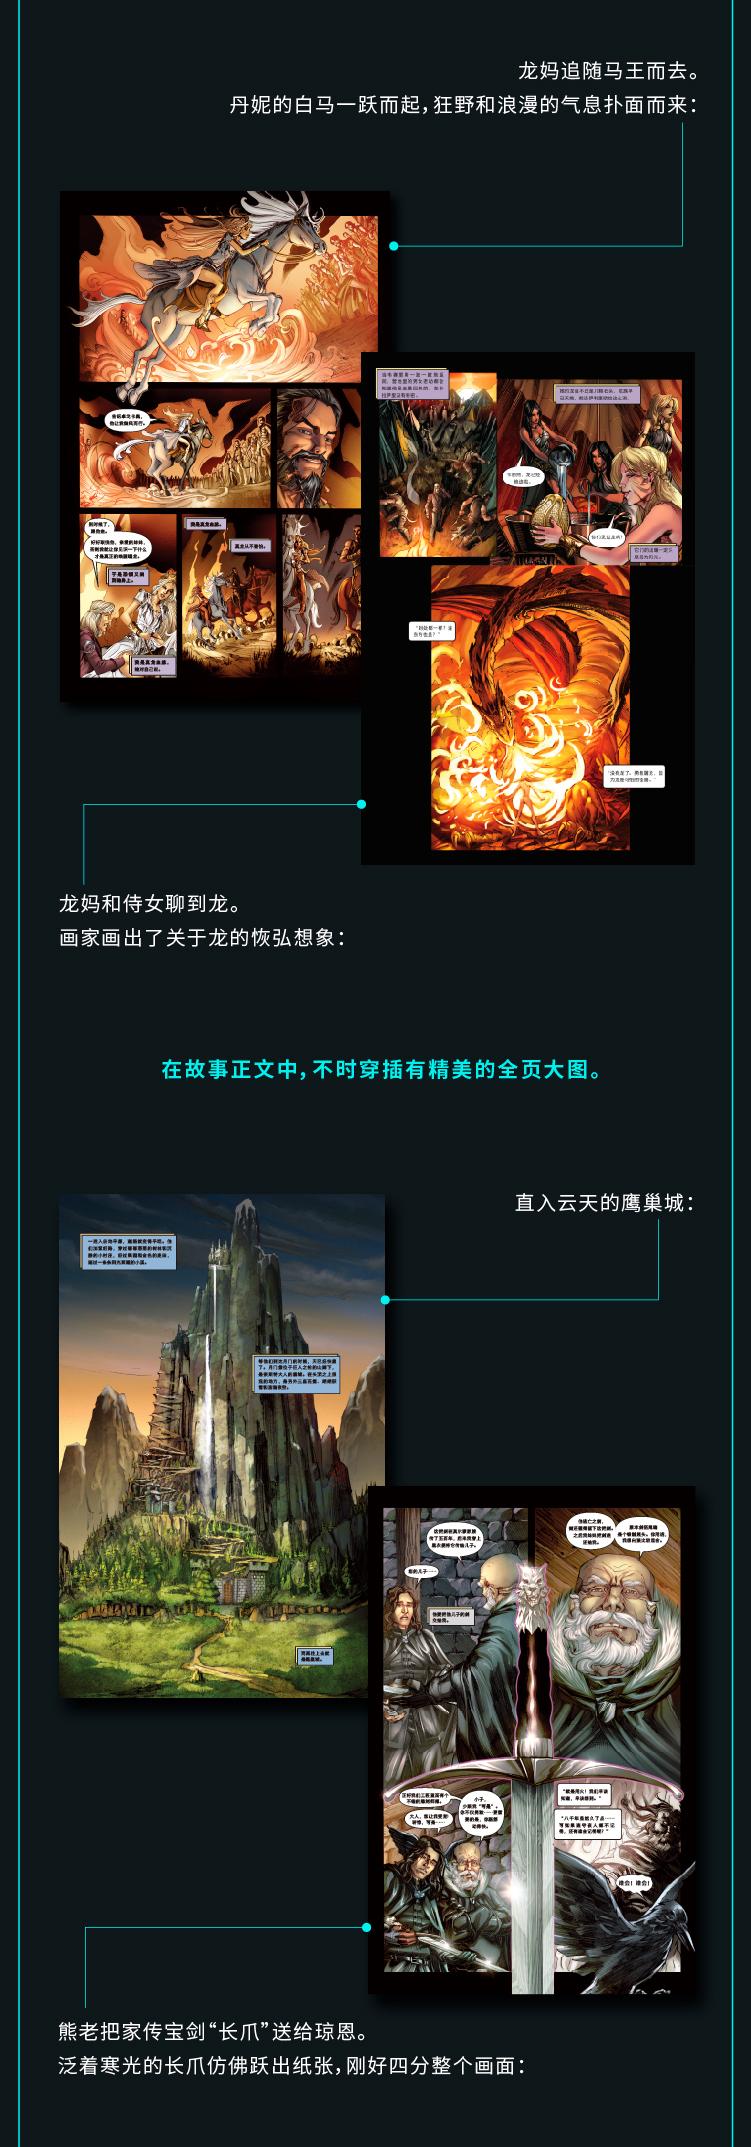 冰火众筹详情页2页22_内文_03.jpg